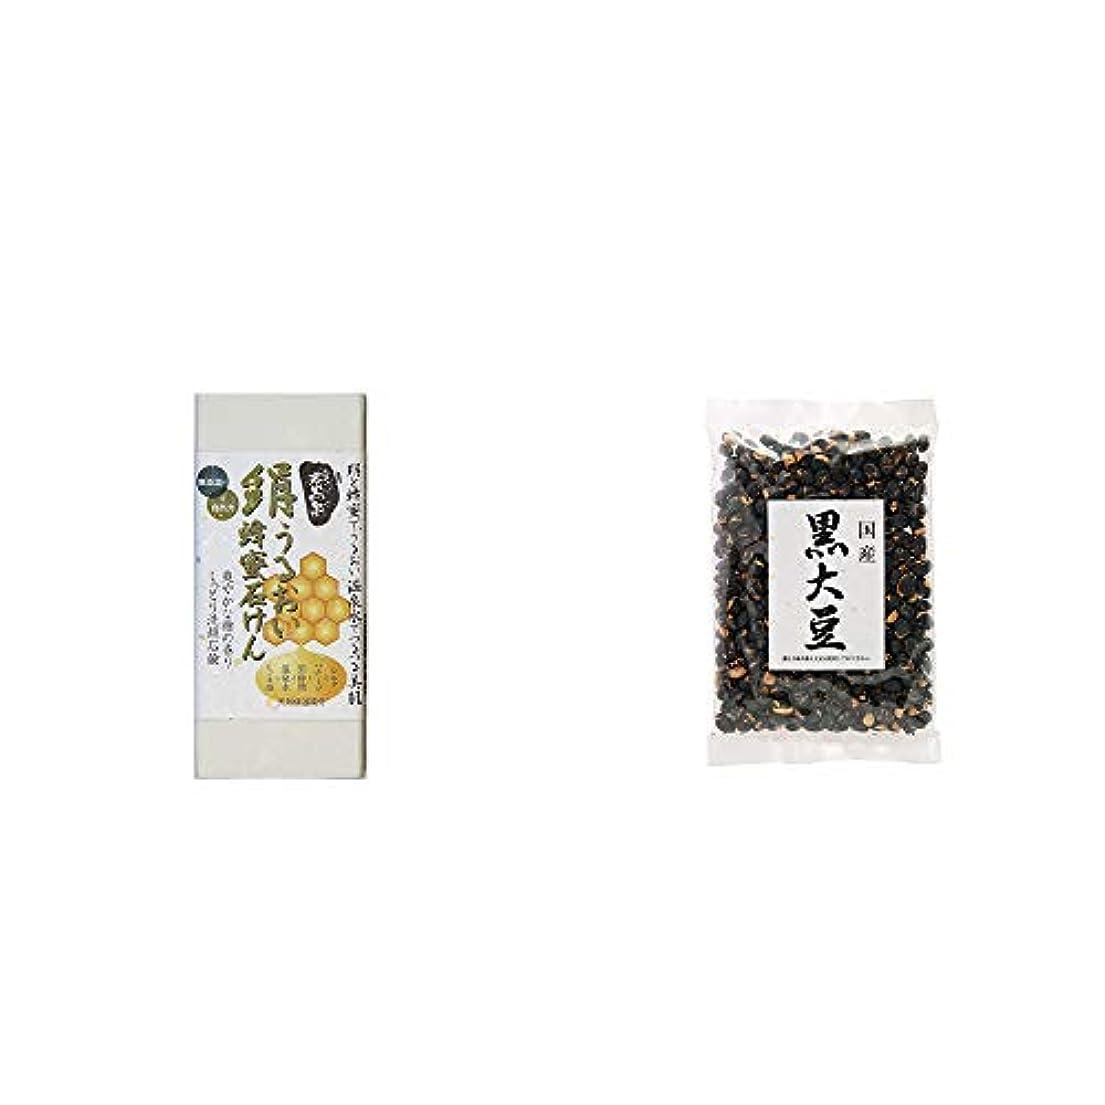 不要数学転用[2点セット] ひのき炭黒泉 絹うるおい蜂蜜石けん(75g×2)?国産 黒大豆(140g)